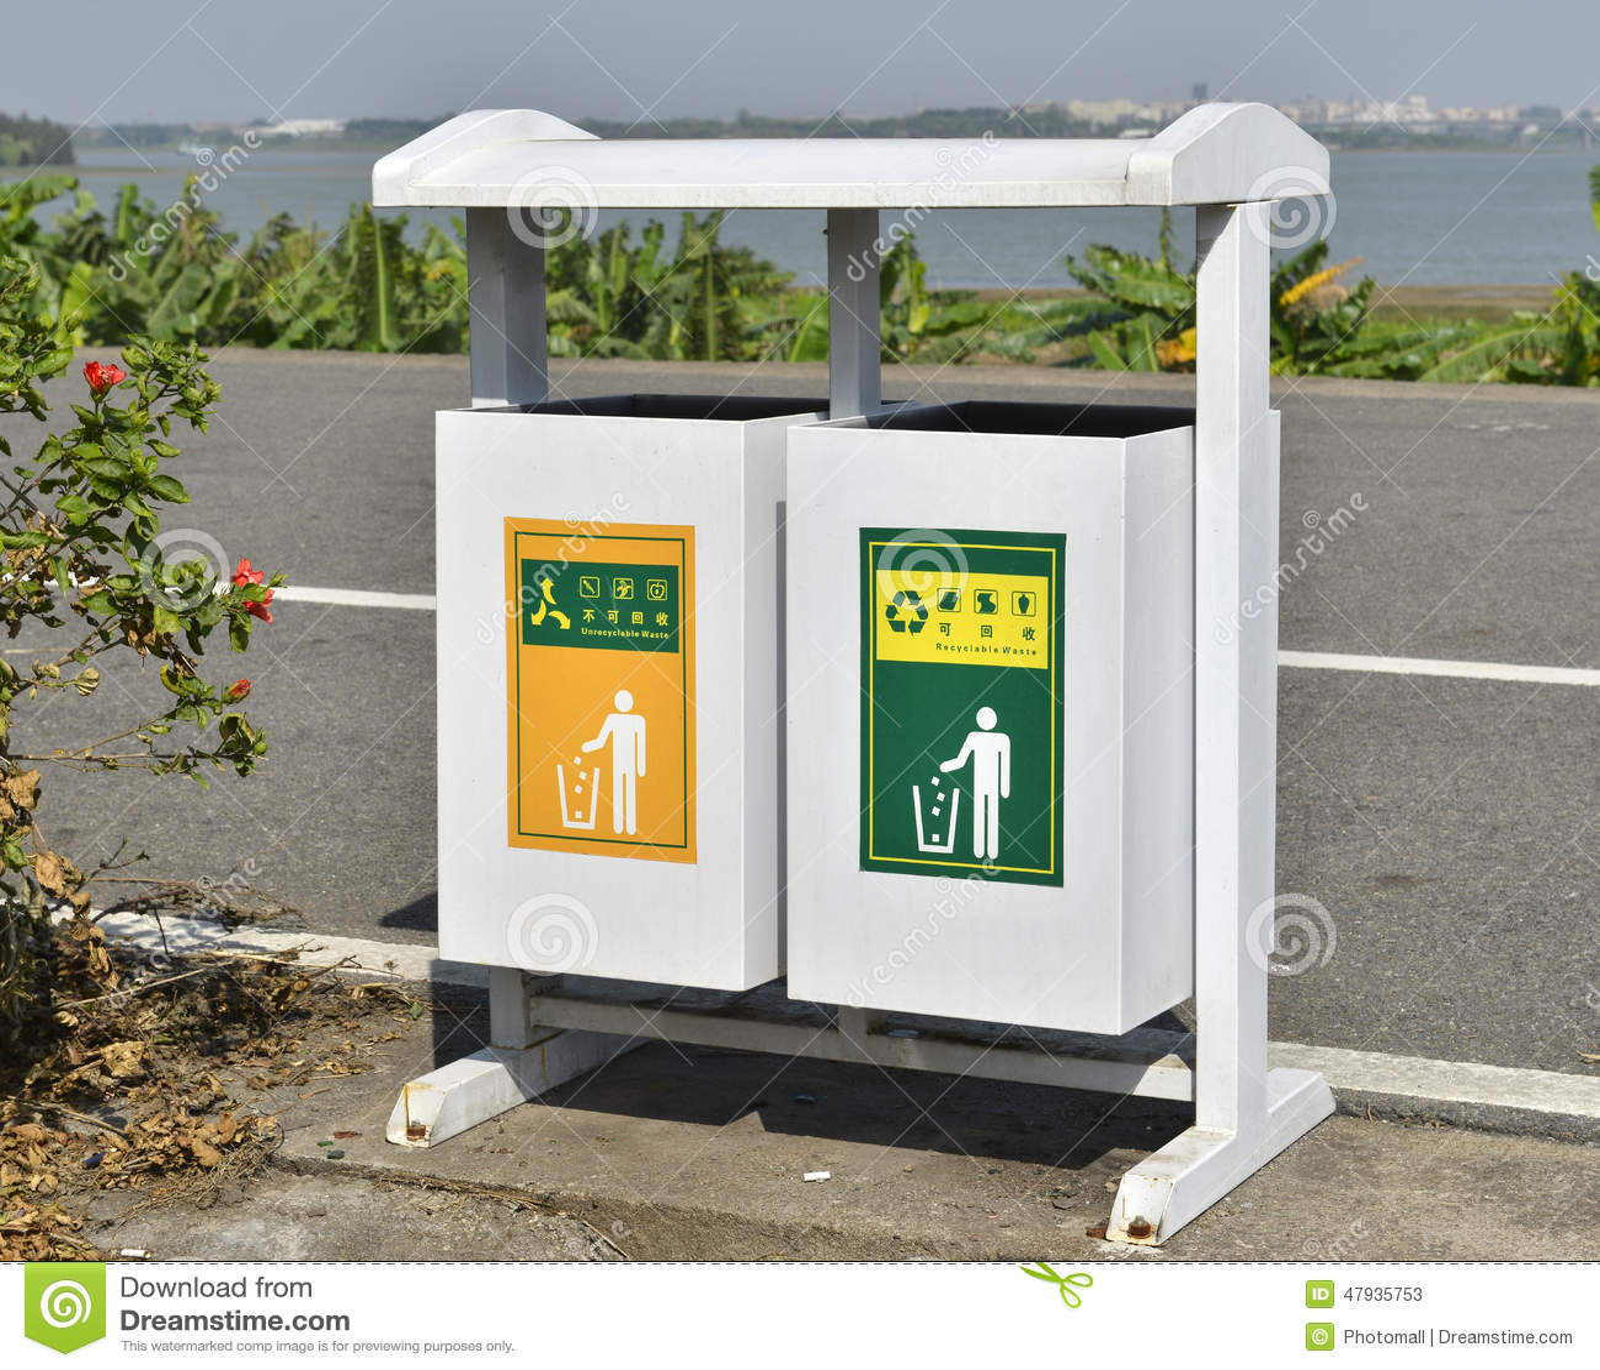 White Trash Can On Roadside Dustbin Garbage Bin Garbage